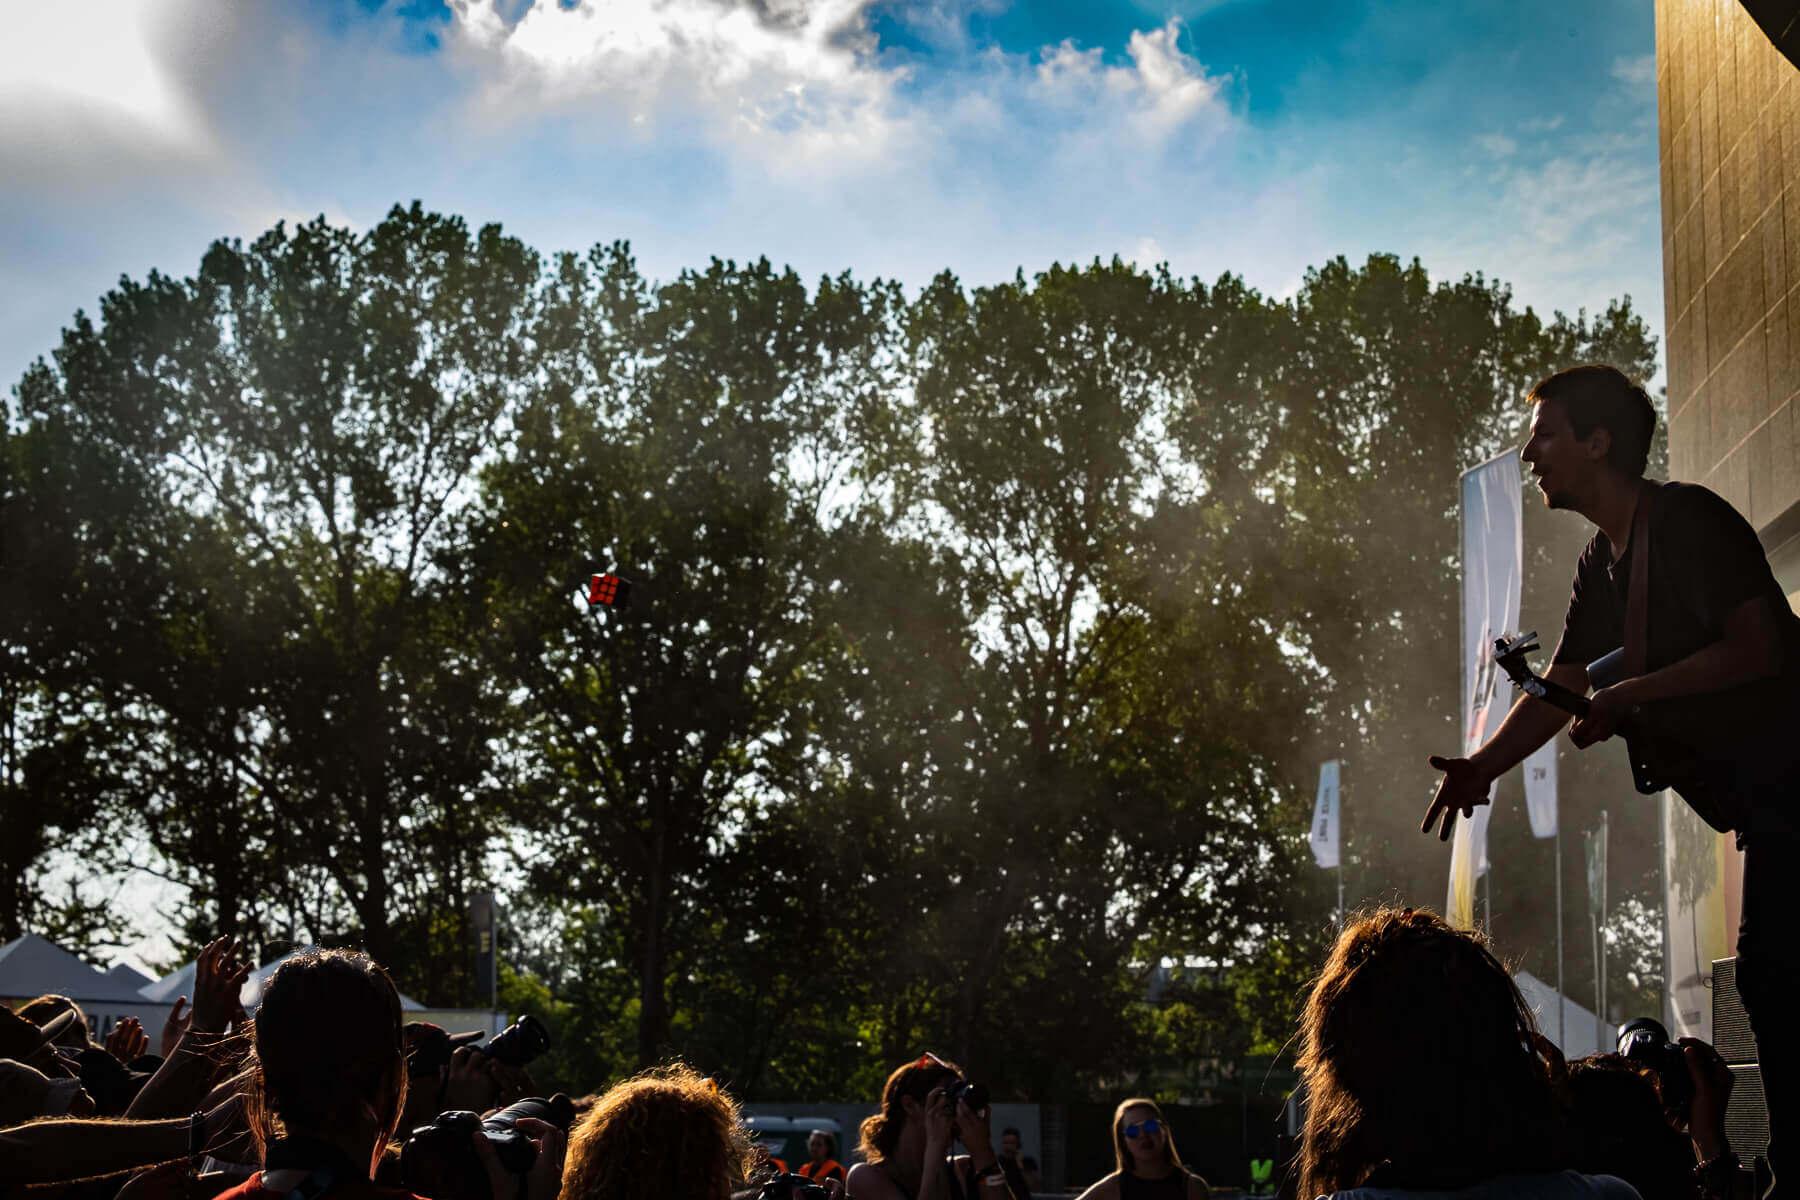 Indimenticabile-festival-bologna-sonic-park-about-bologna-ph-beatrice-belletti-eugenio-in-via-di-gioia-7